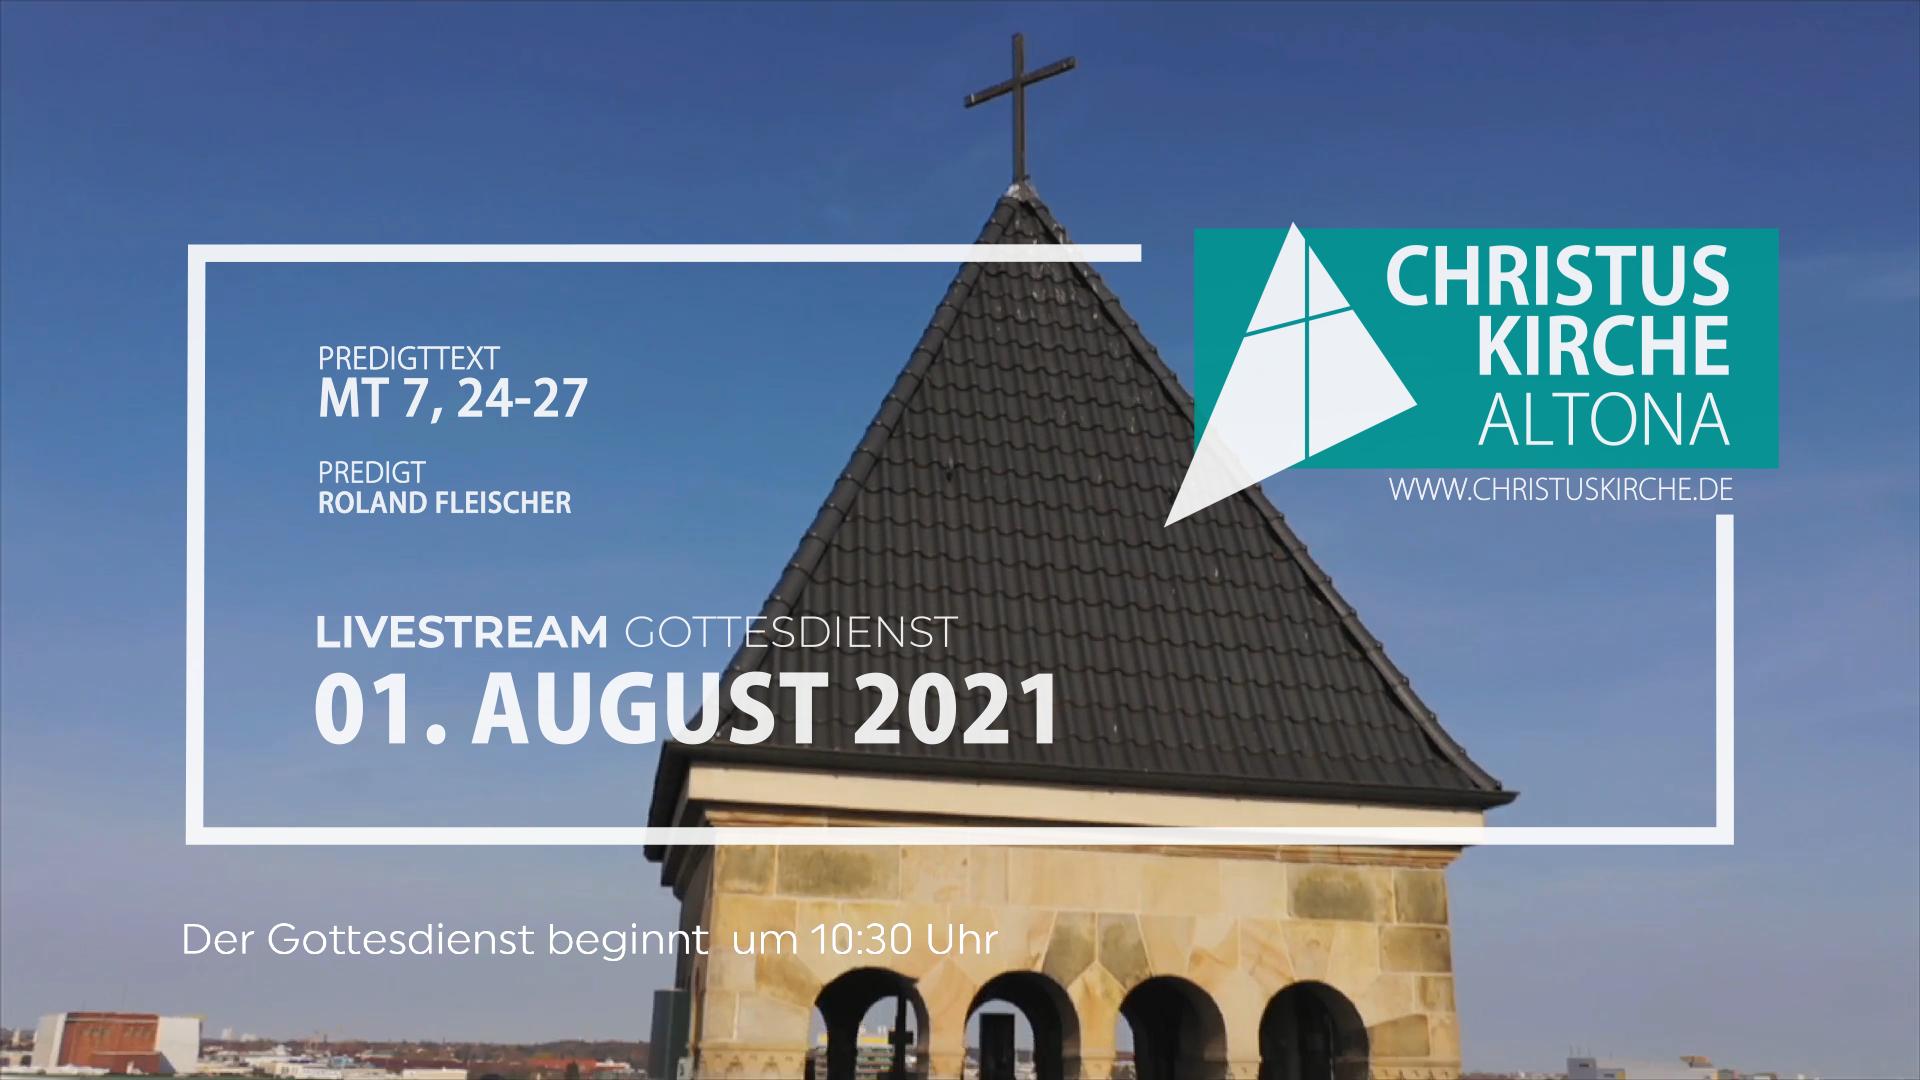 Gottesdienst - am 1. August - Livestream aus der Christuskirche Altona